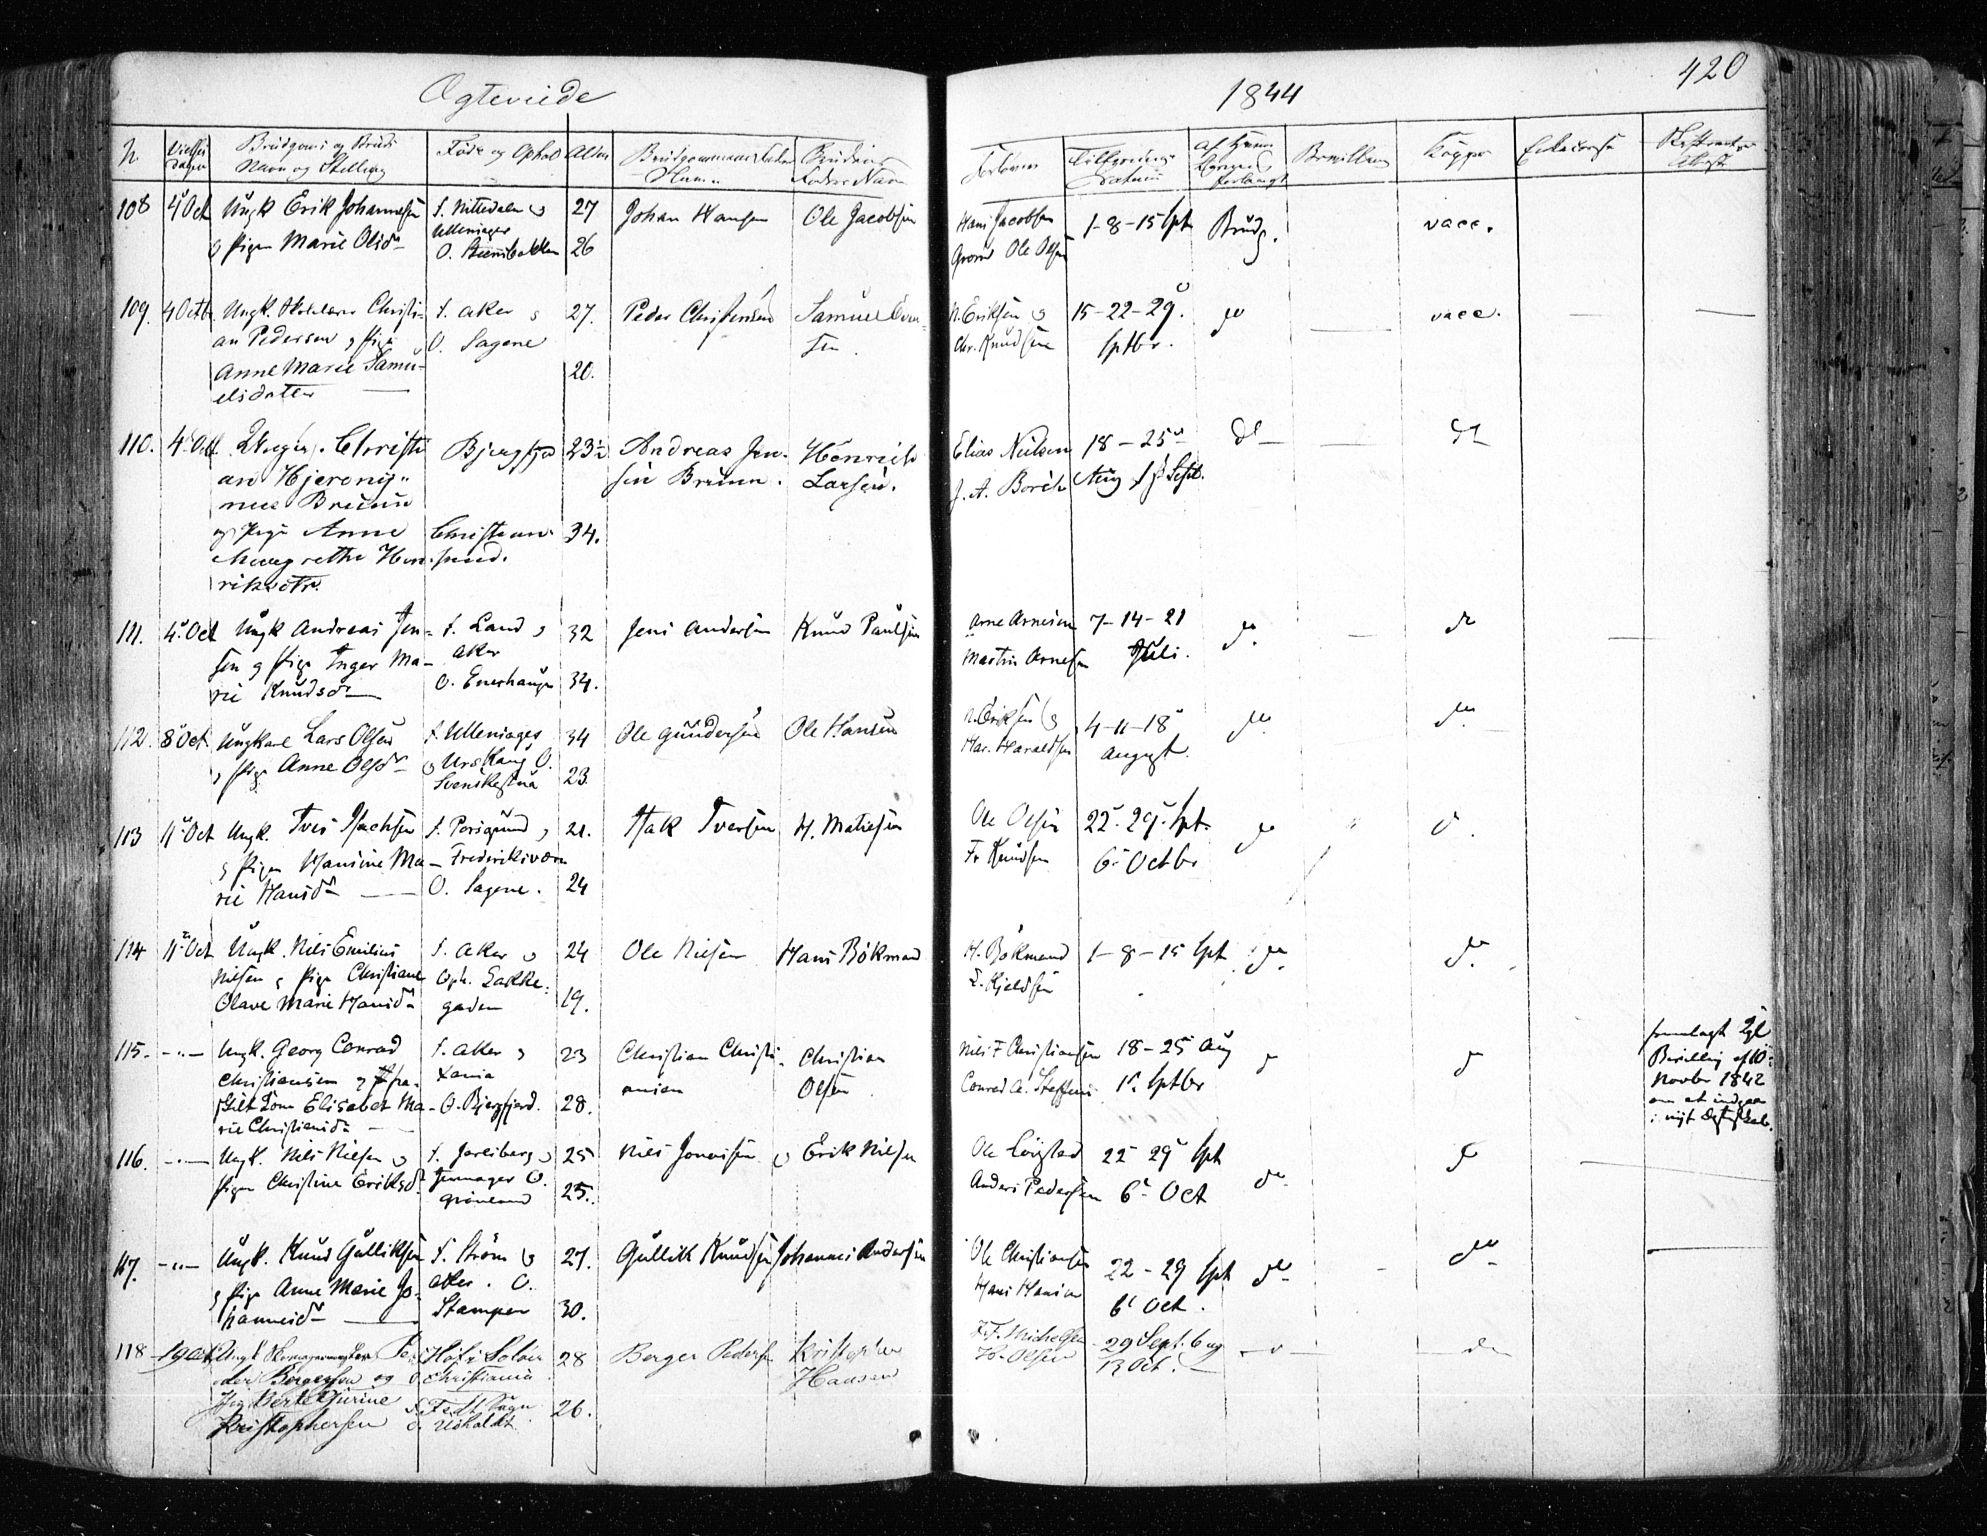 SAO, Aker prestekontor kirkebøker, F/L0019: Ministerialbok nr. 19, 1842-1852, s. 420